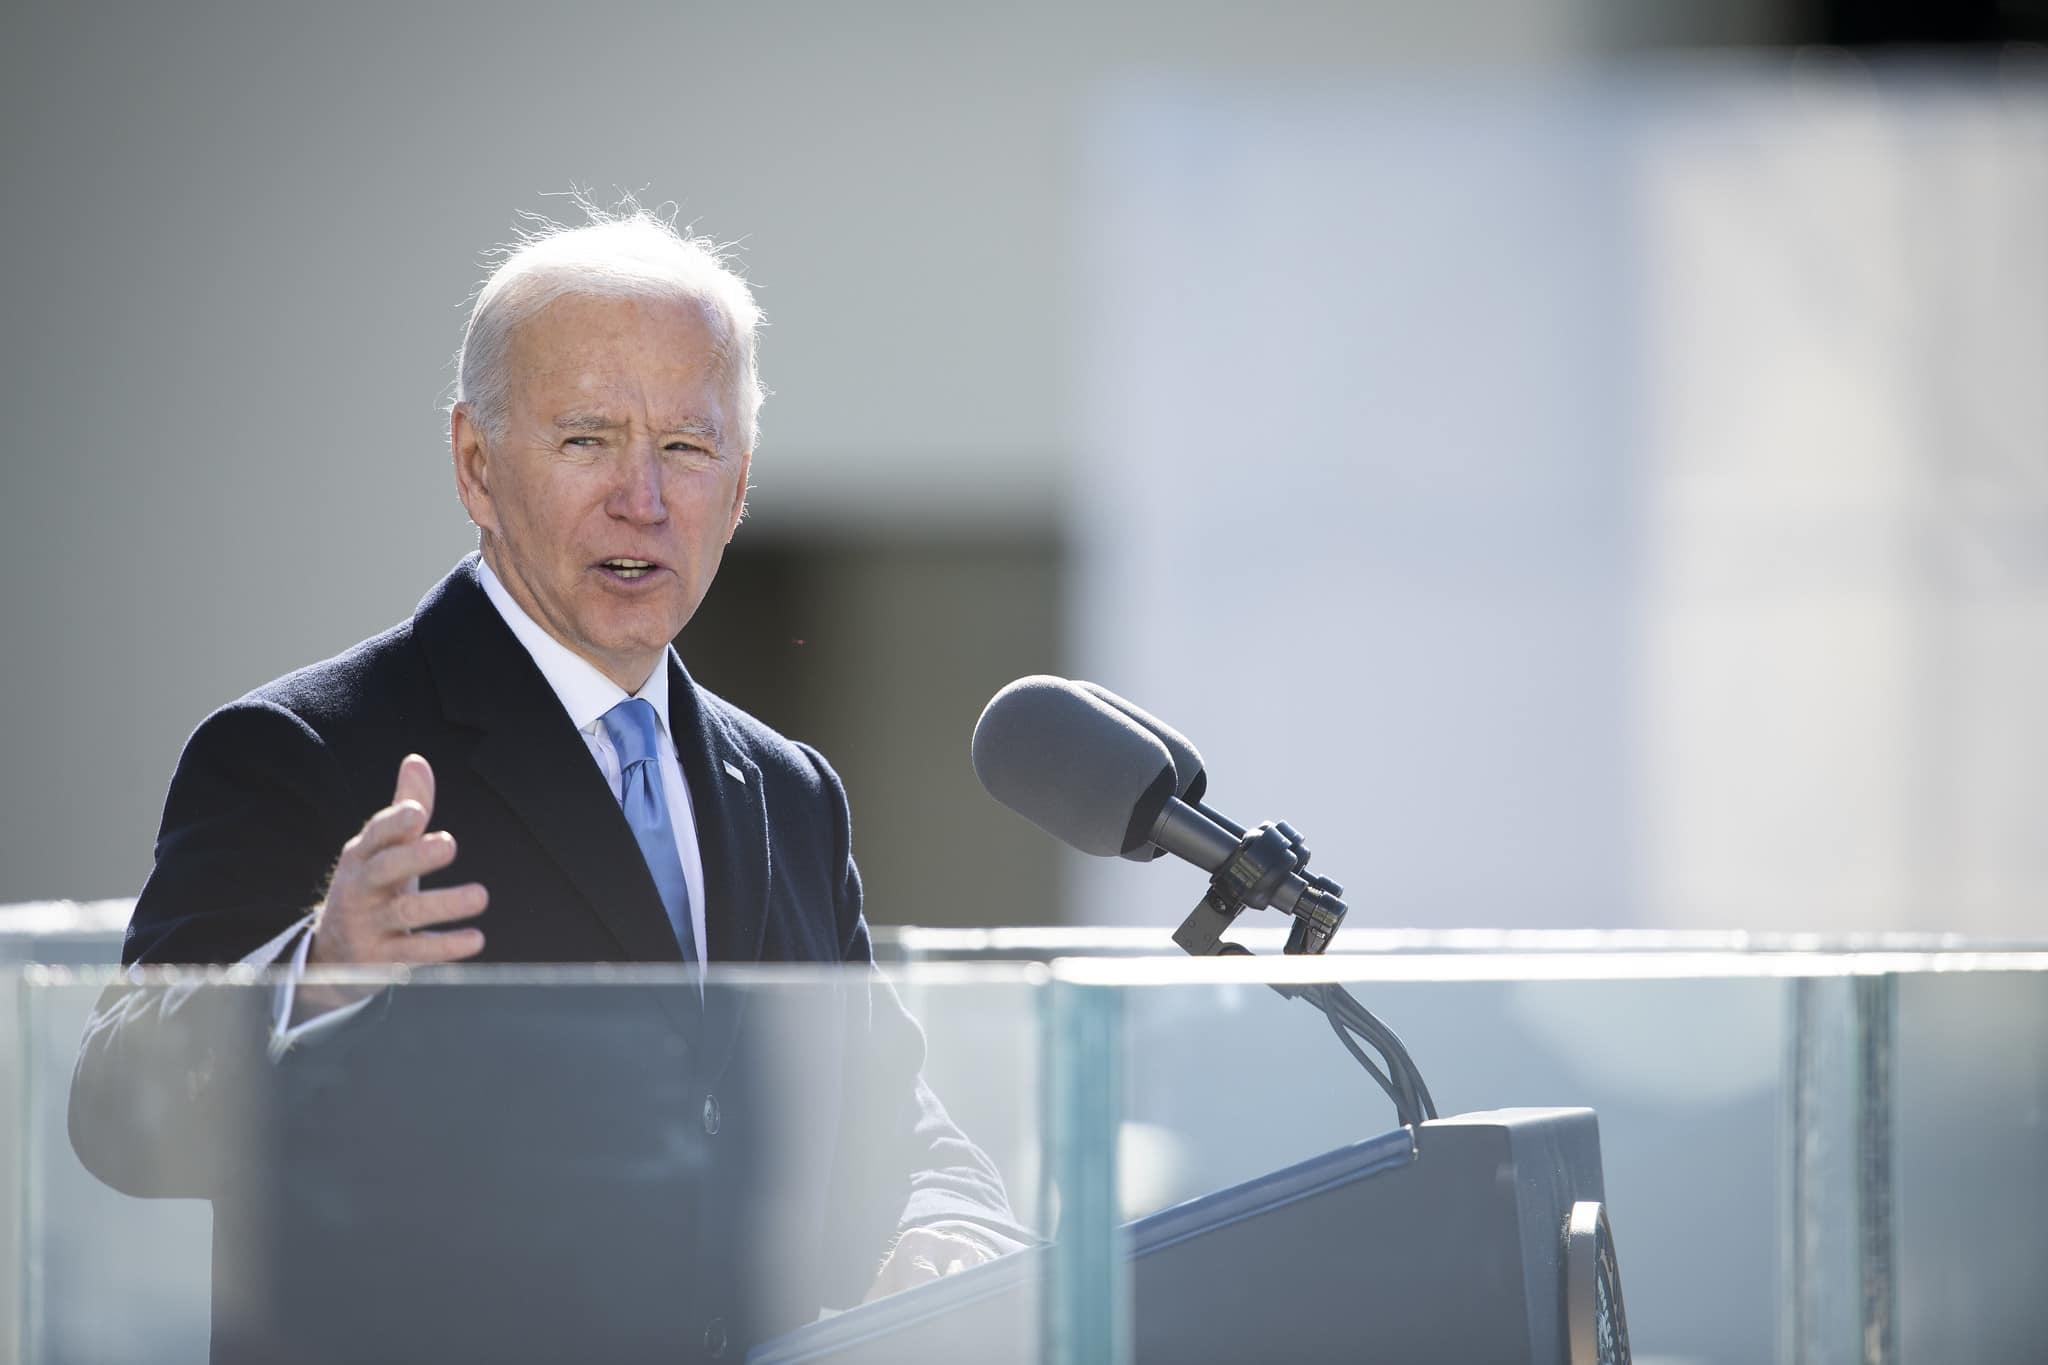 Presidente dos EUA, Joe Biden, vem fortalecendo a agenda climática (Foto: DOD Foto por suboficial da Marinha de 1ª classe Carlos M. Vazquez II )